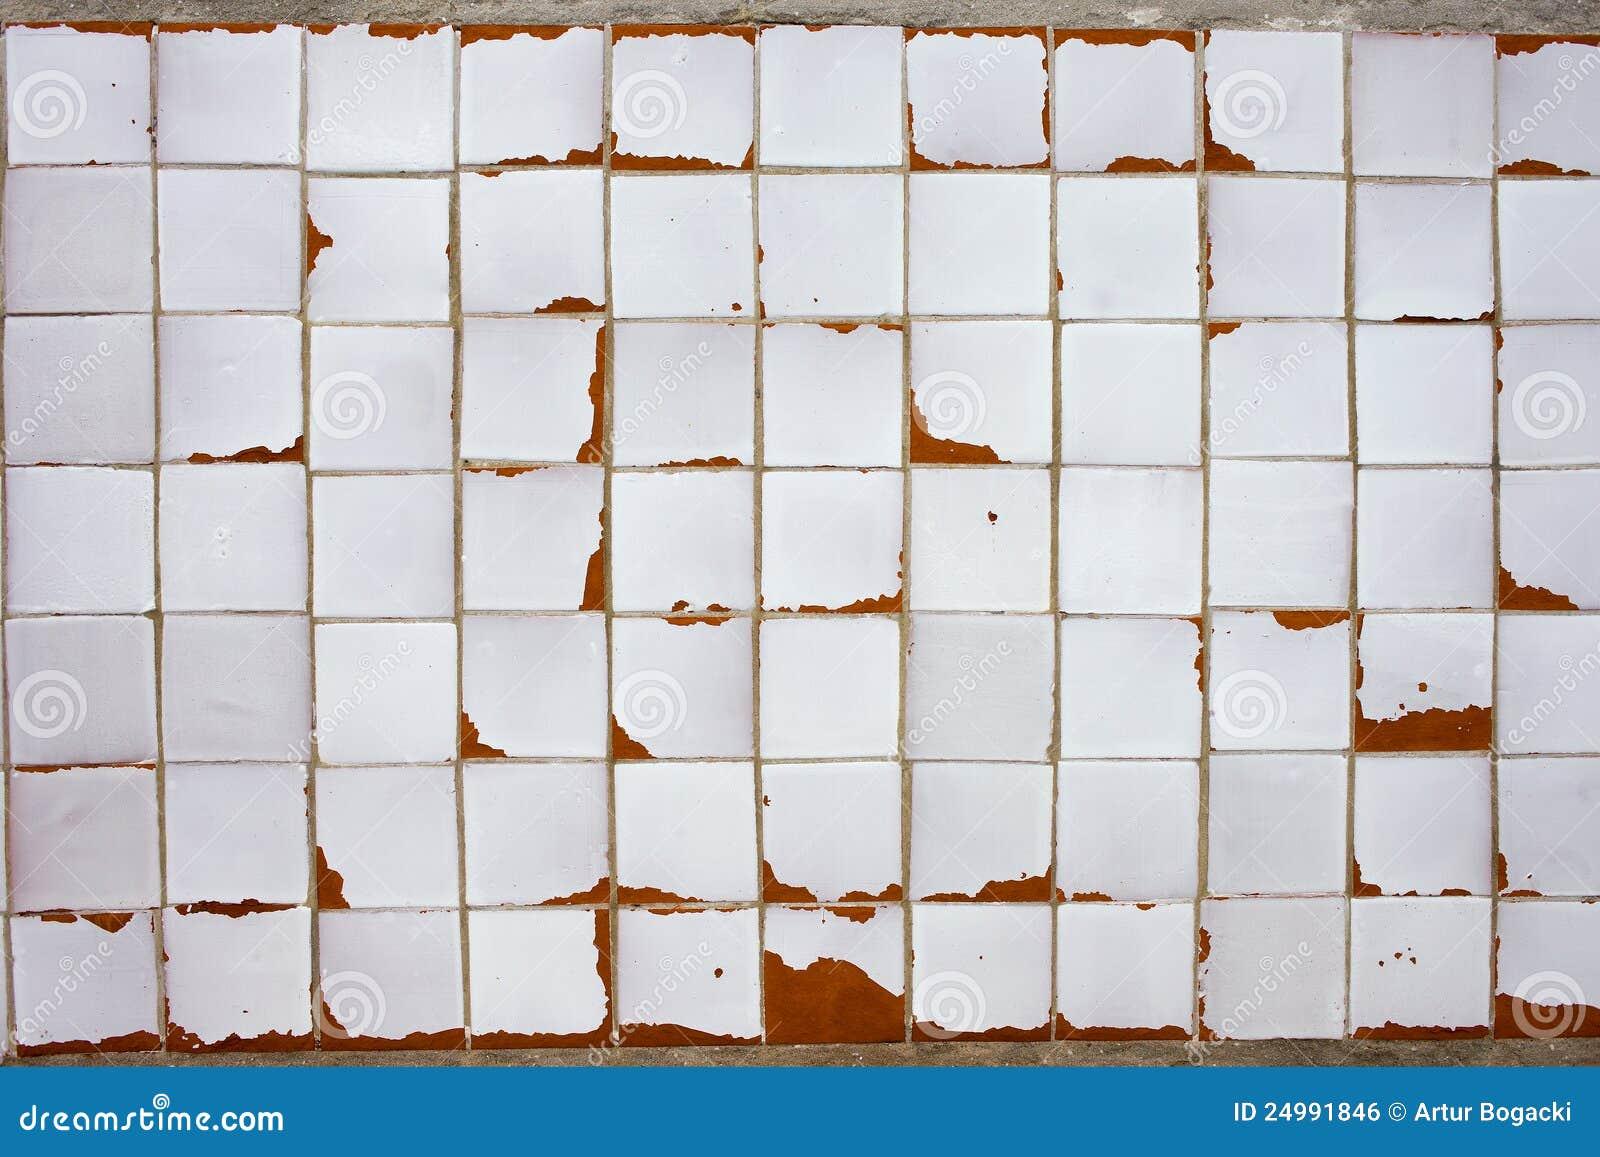 Vintage White Kitchen Tiles